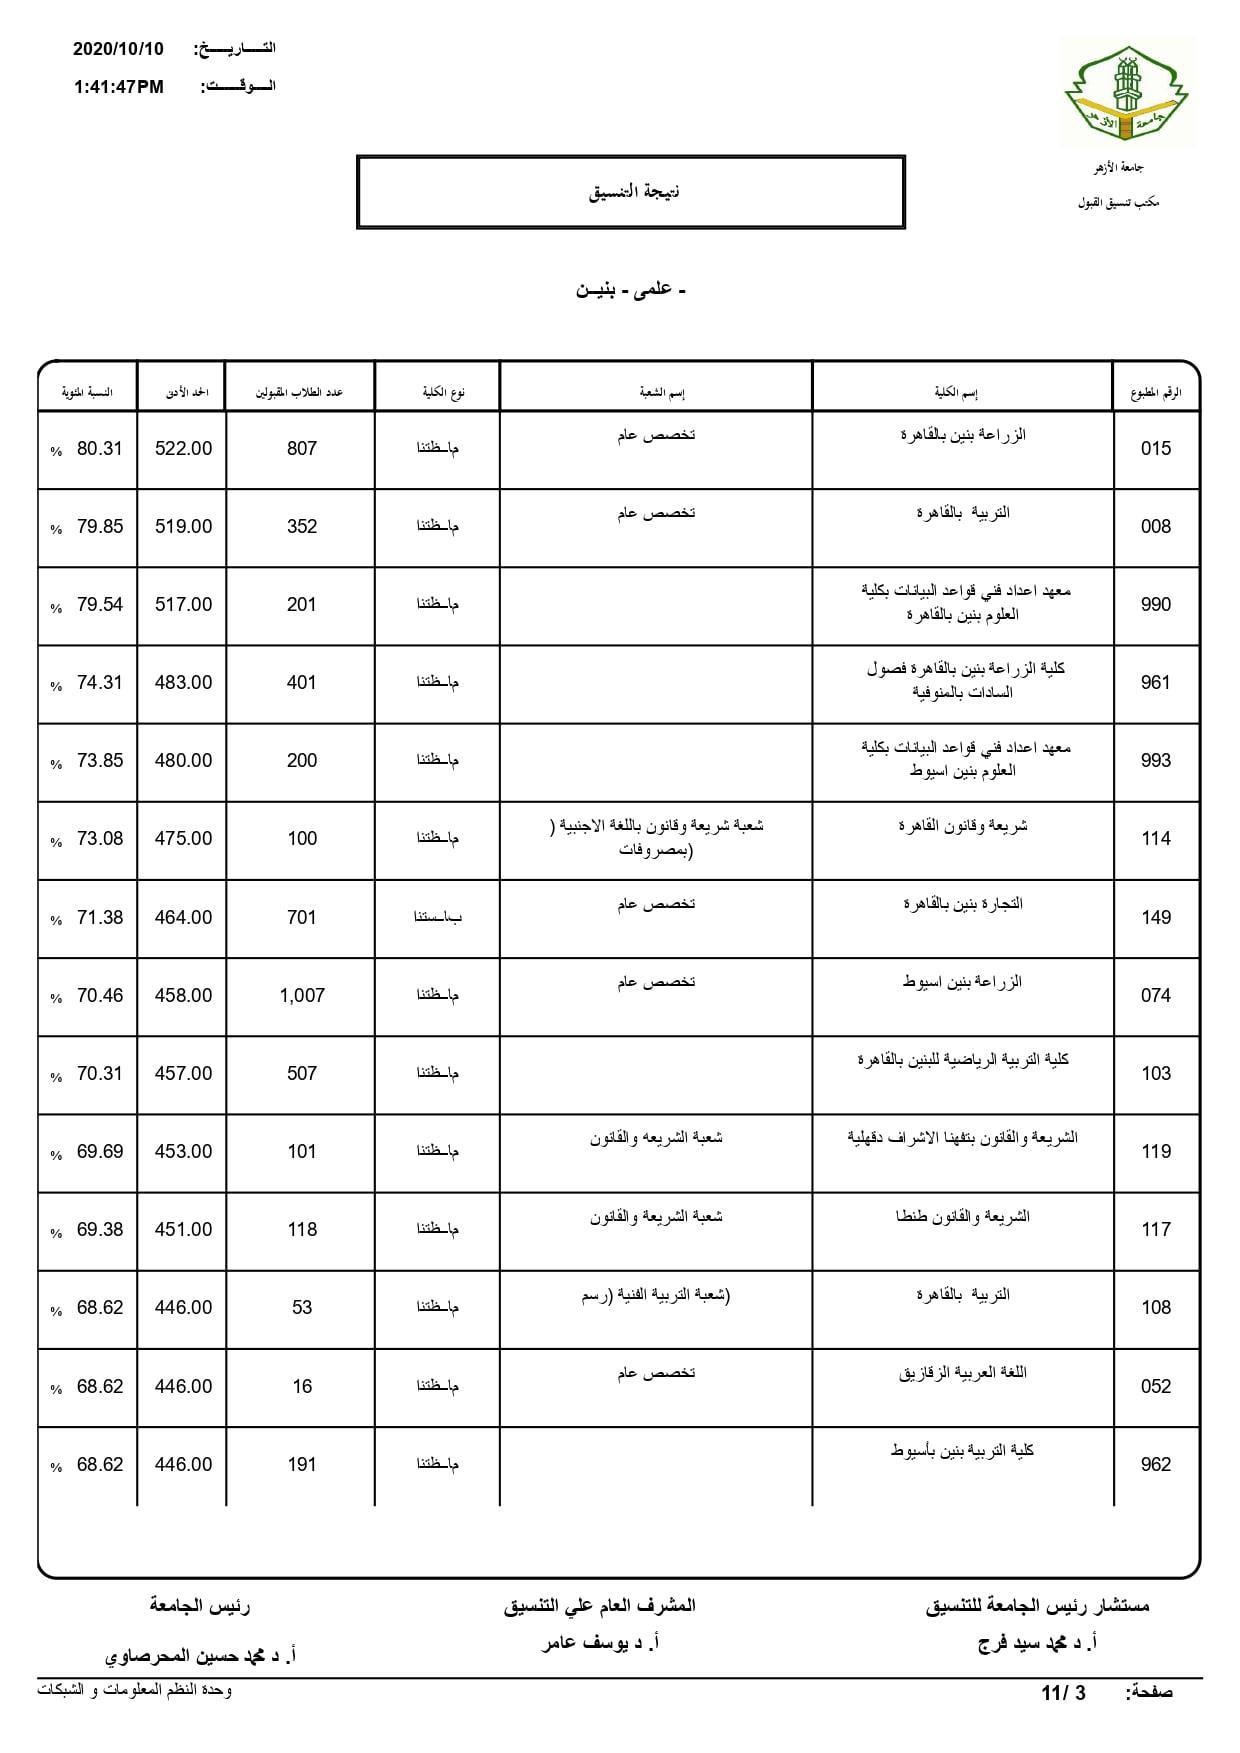 نتيجة تنسيق كليات جامعة الأزهر لعام 2020 بالكامل 20201010200709248